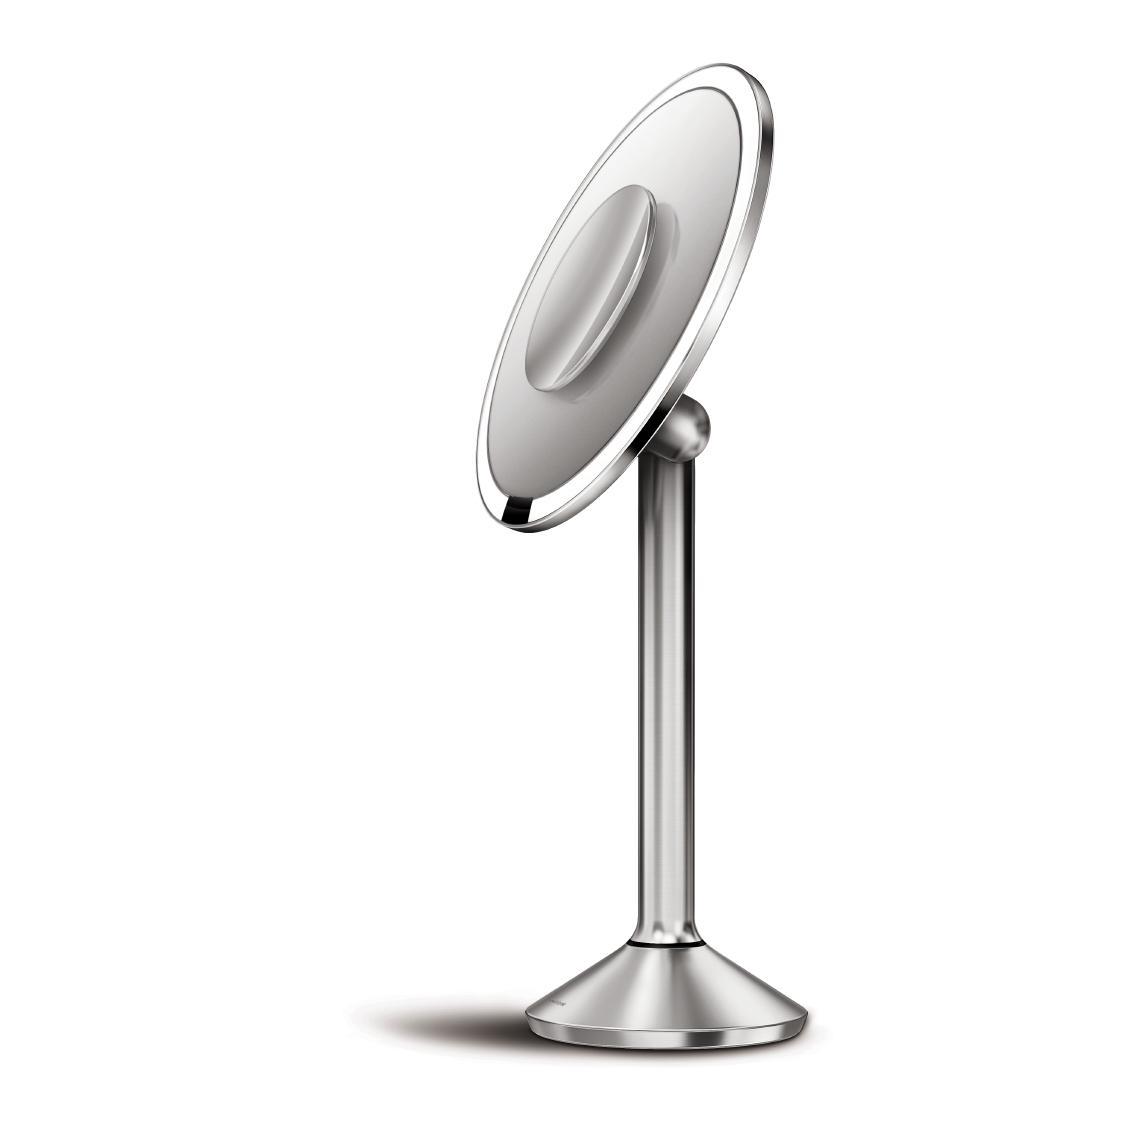 Kosmetické zrcátko Simplehuman Sensor PRO -Tru-lux LED, 5x/10x zvětšení, dobíjecí, WiFi - novinka 2016